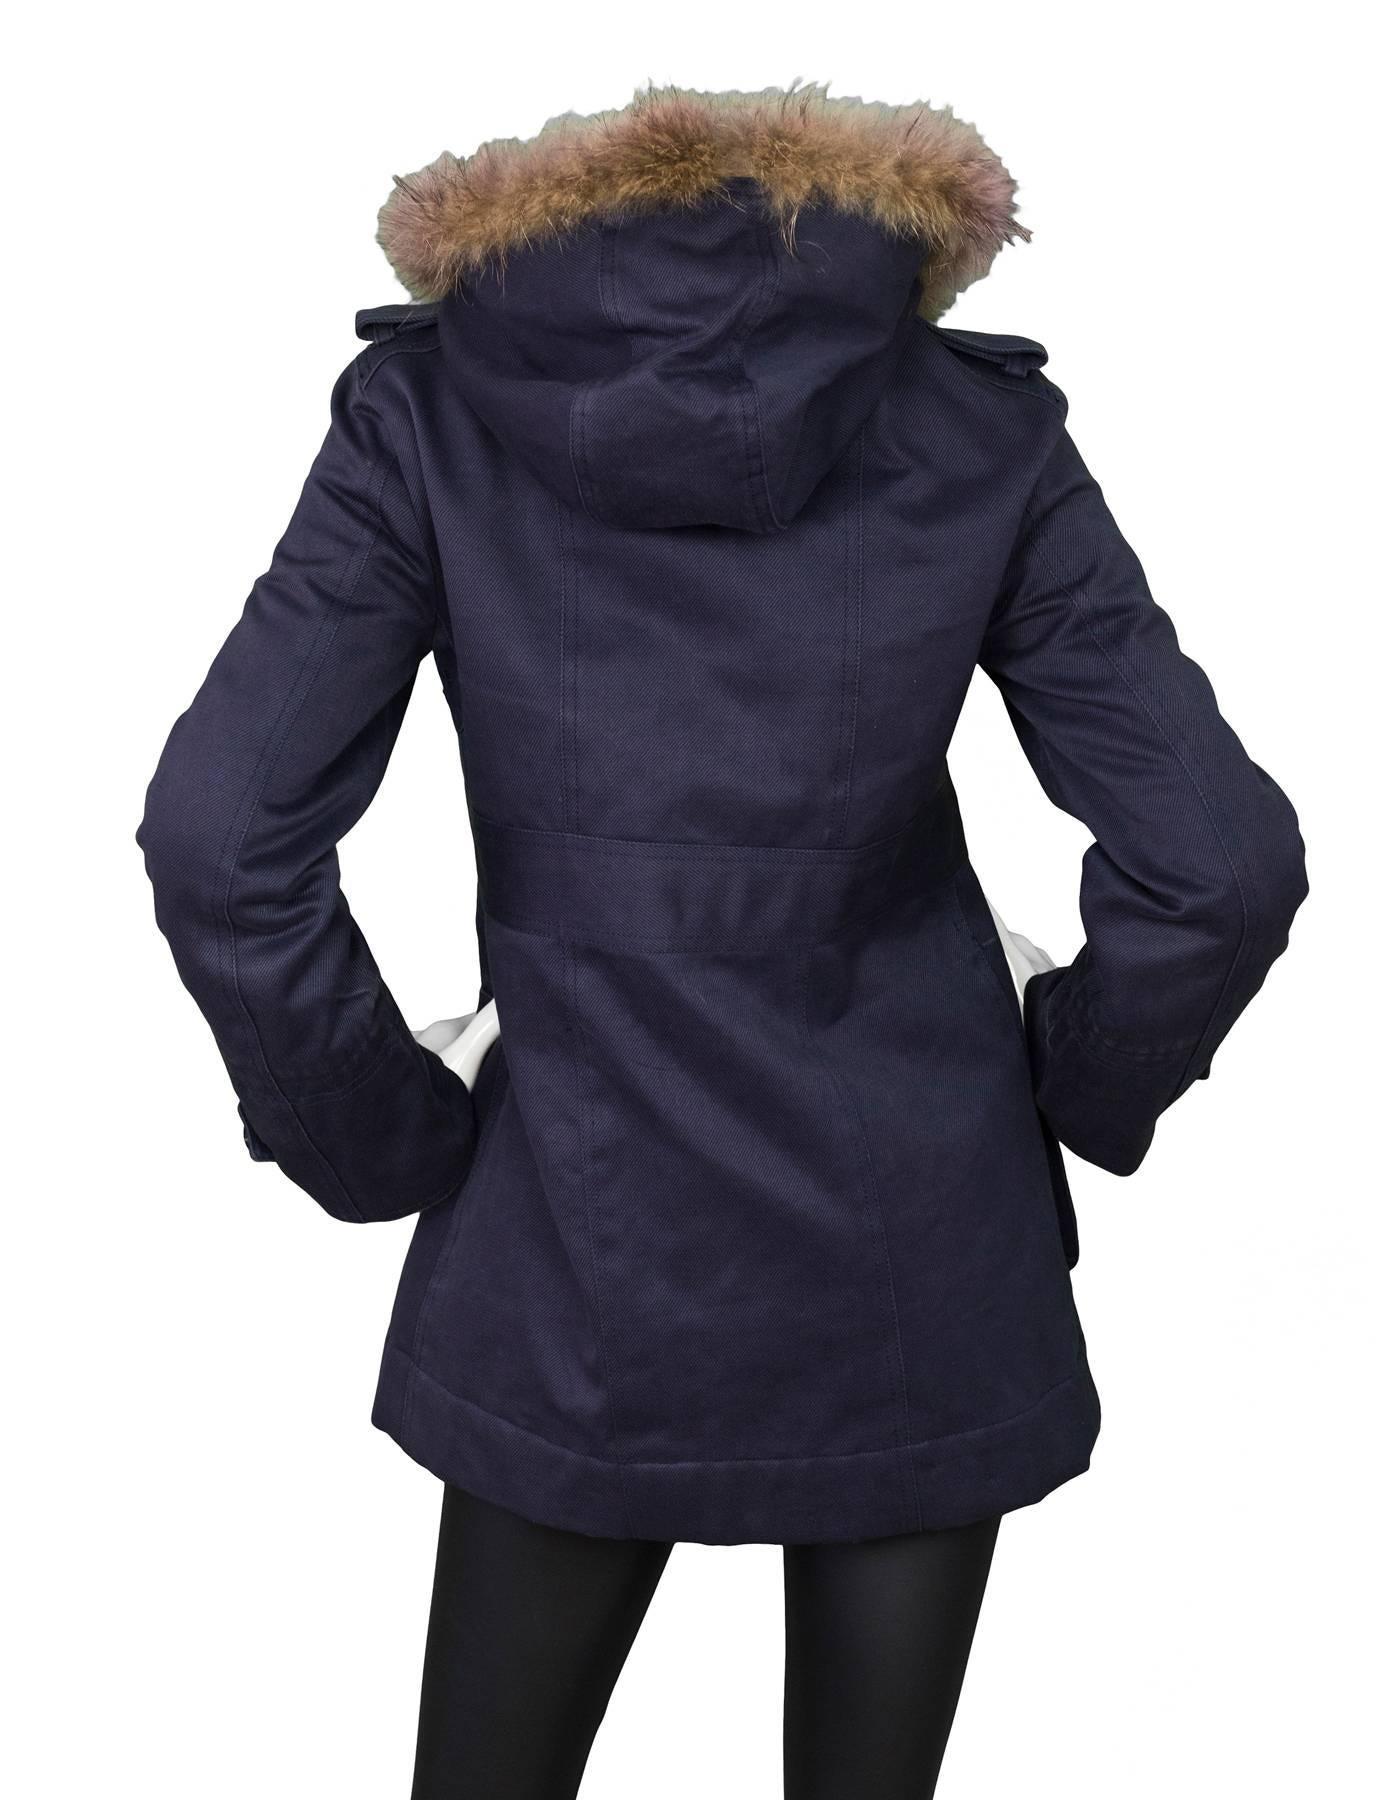 Pre London Jacobs Parker Coat Black